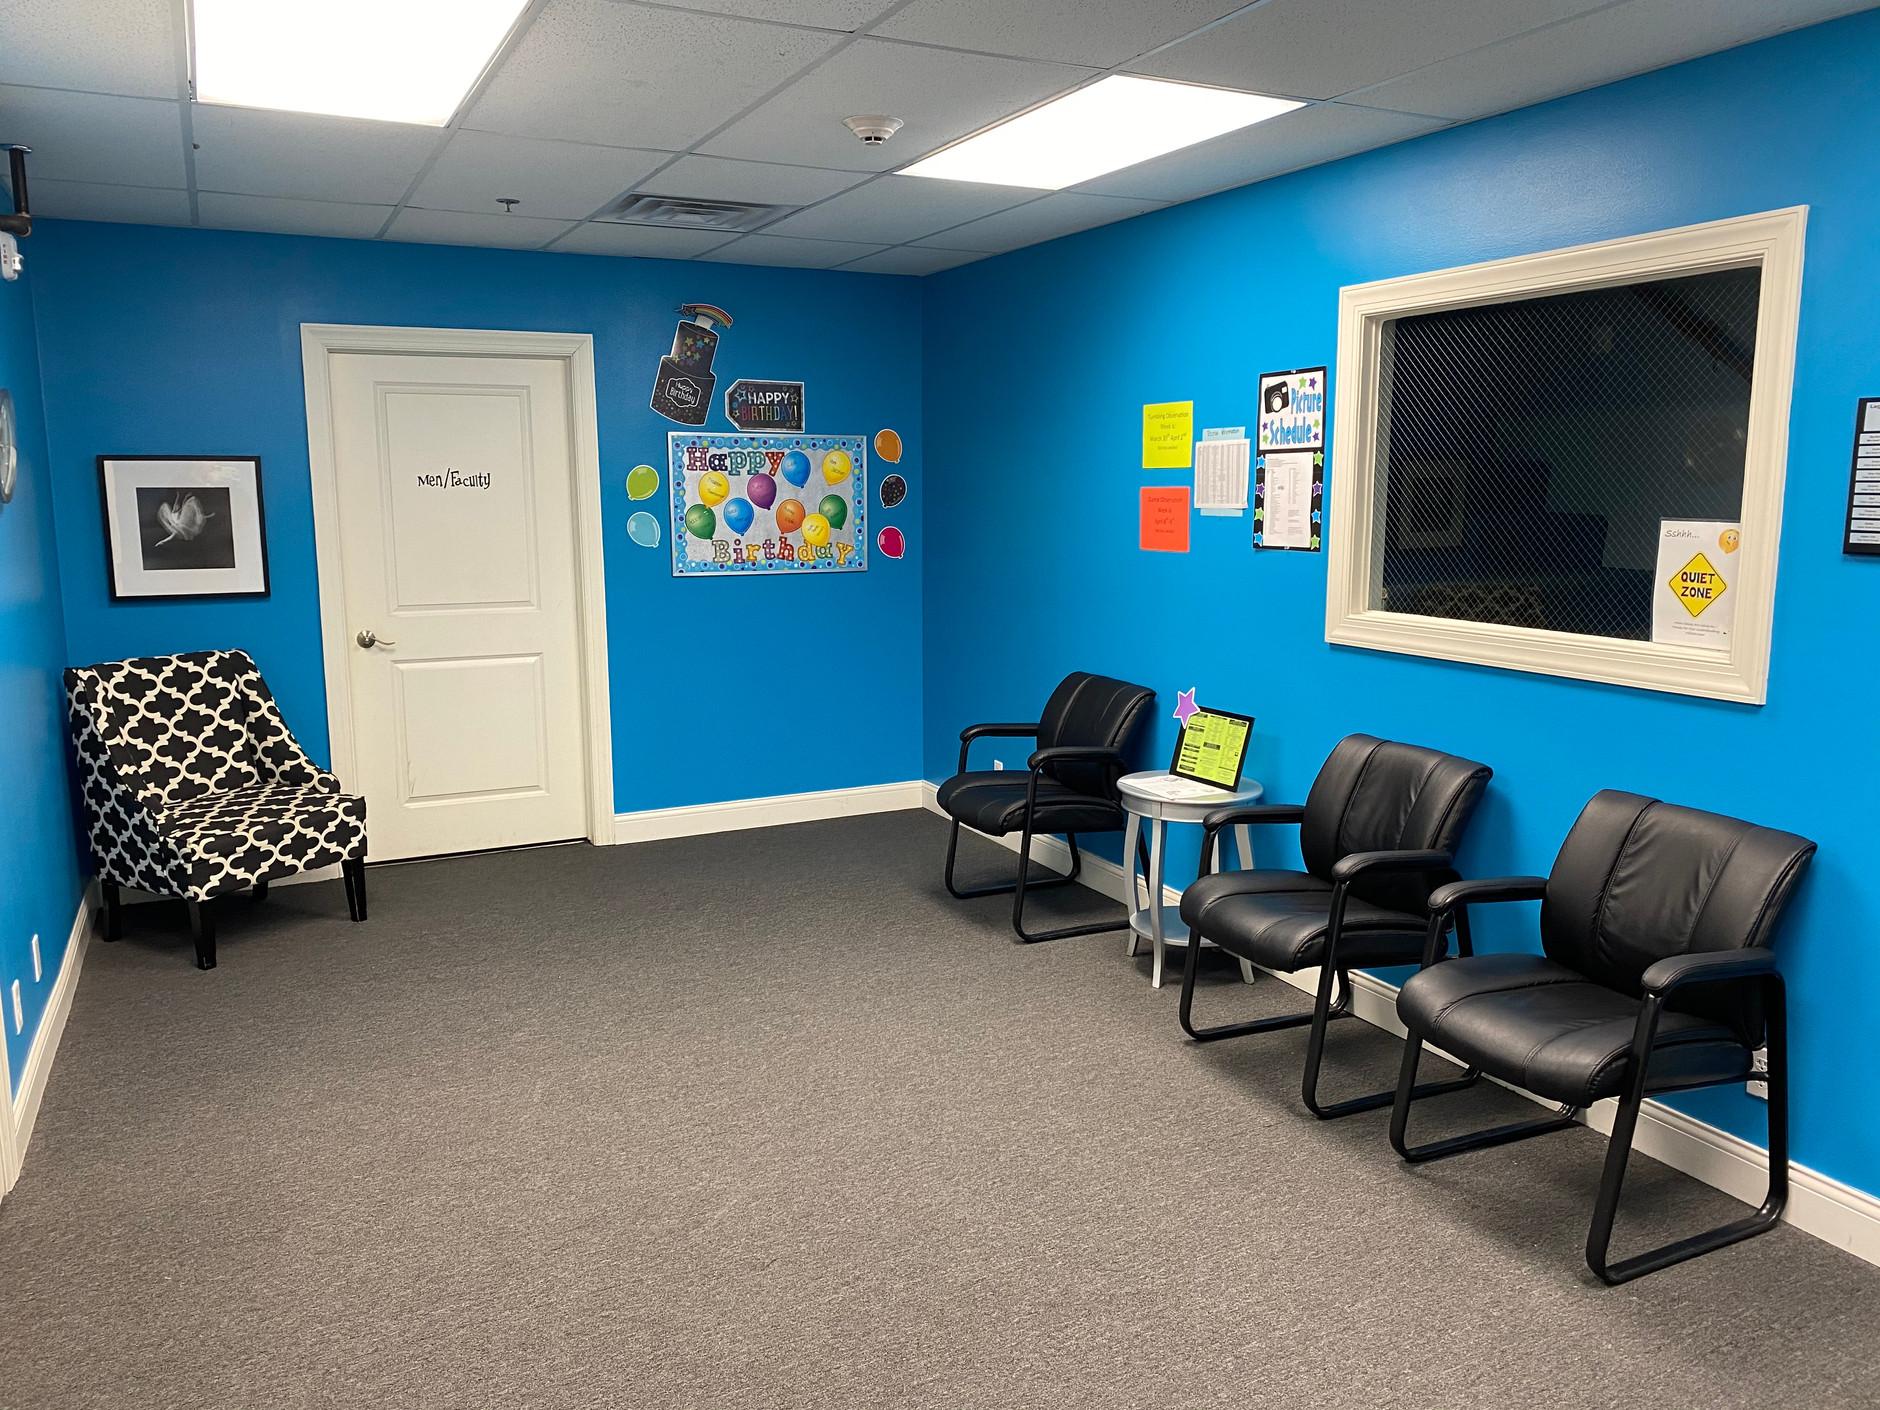 Studio C Lobby/Restroom Area